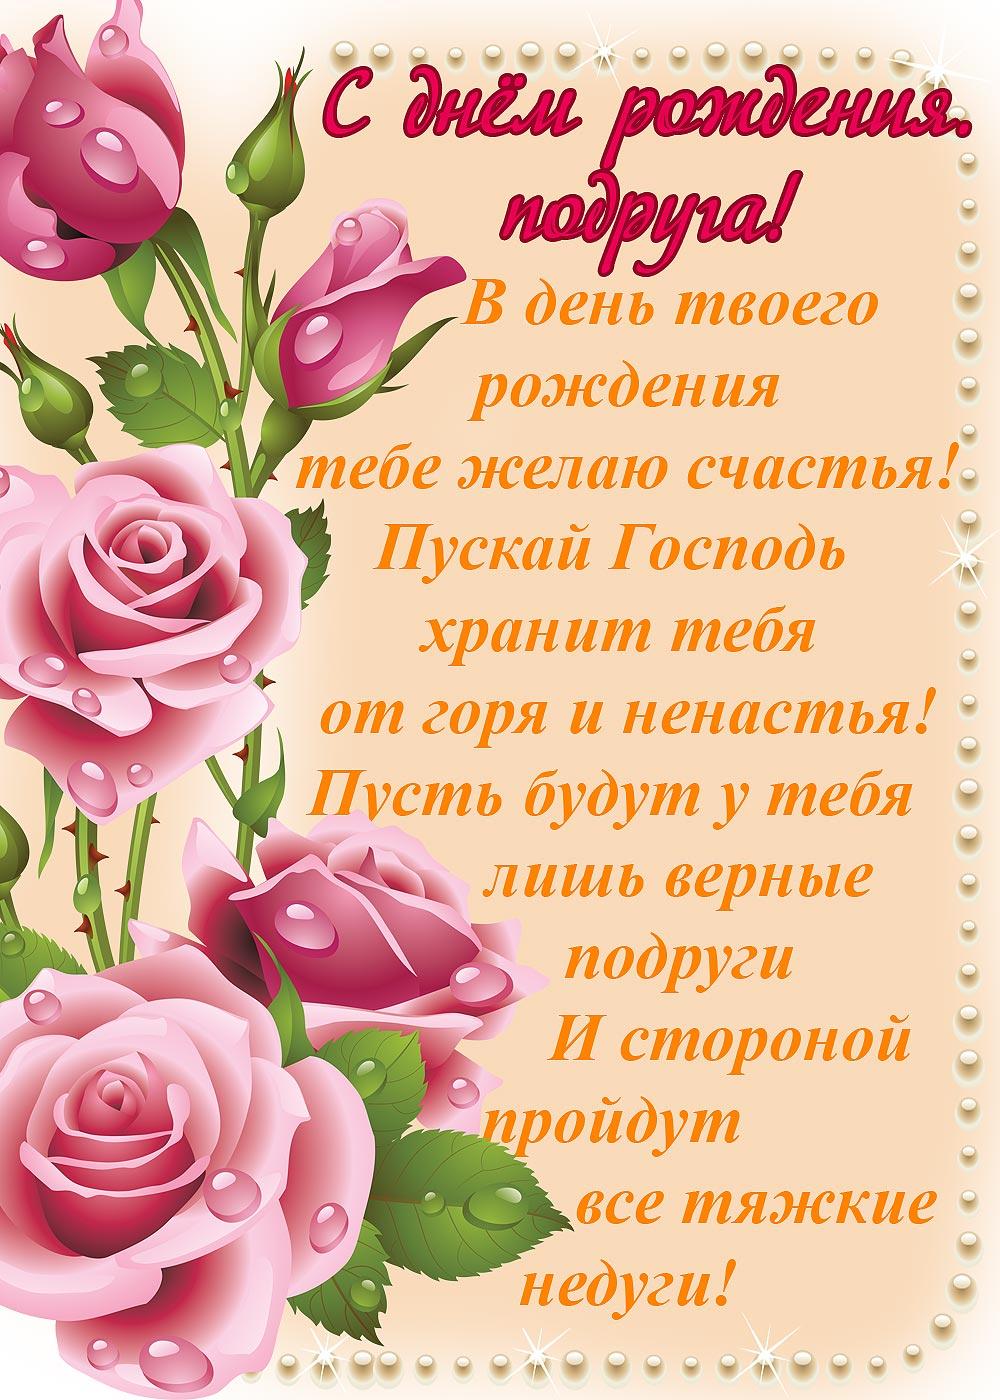 Открытки с днем рождения подруге ...: vcegdaprazdnik.ru/otkpitki/den_pozdenia/35757-otkrytki-s-dnem...